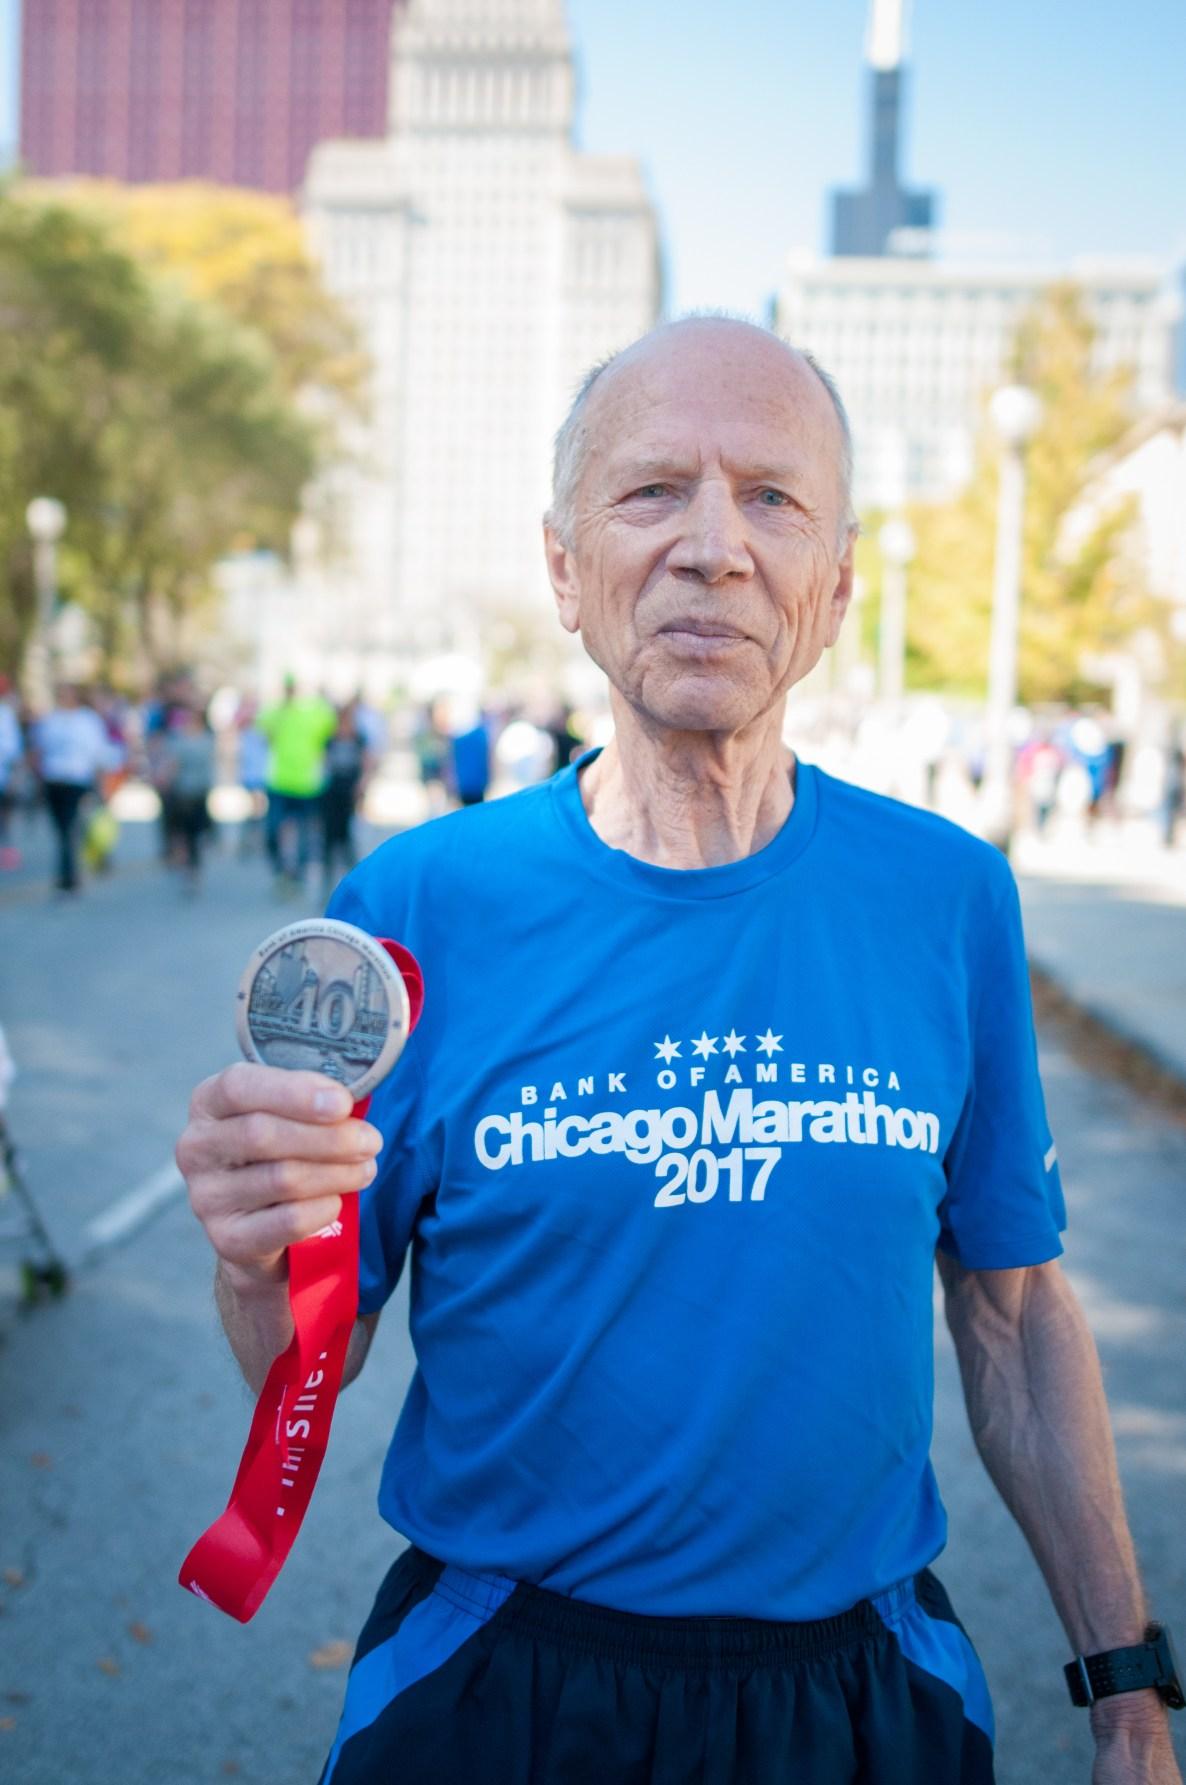 Dmytro Lebedev - first place in Chicago marathon age 75-79